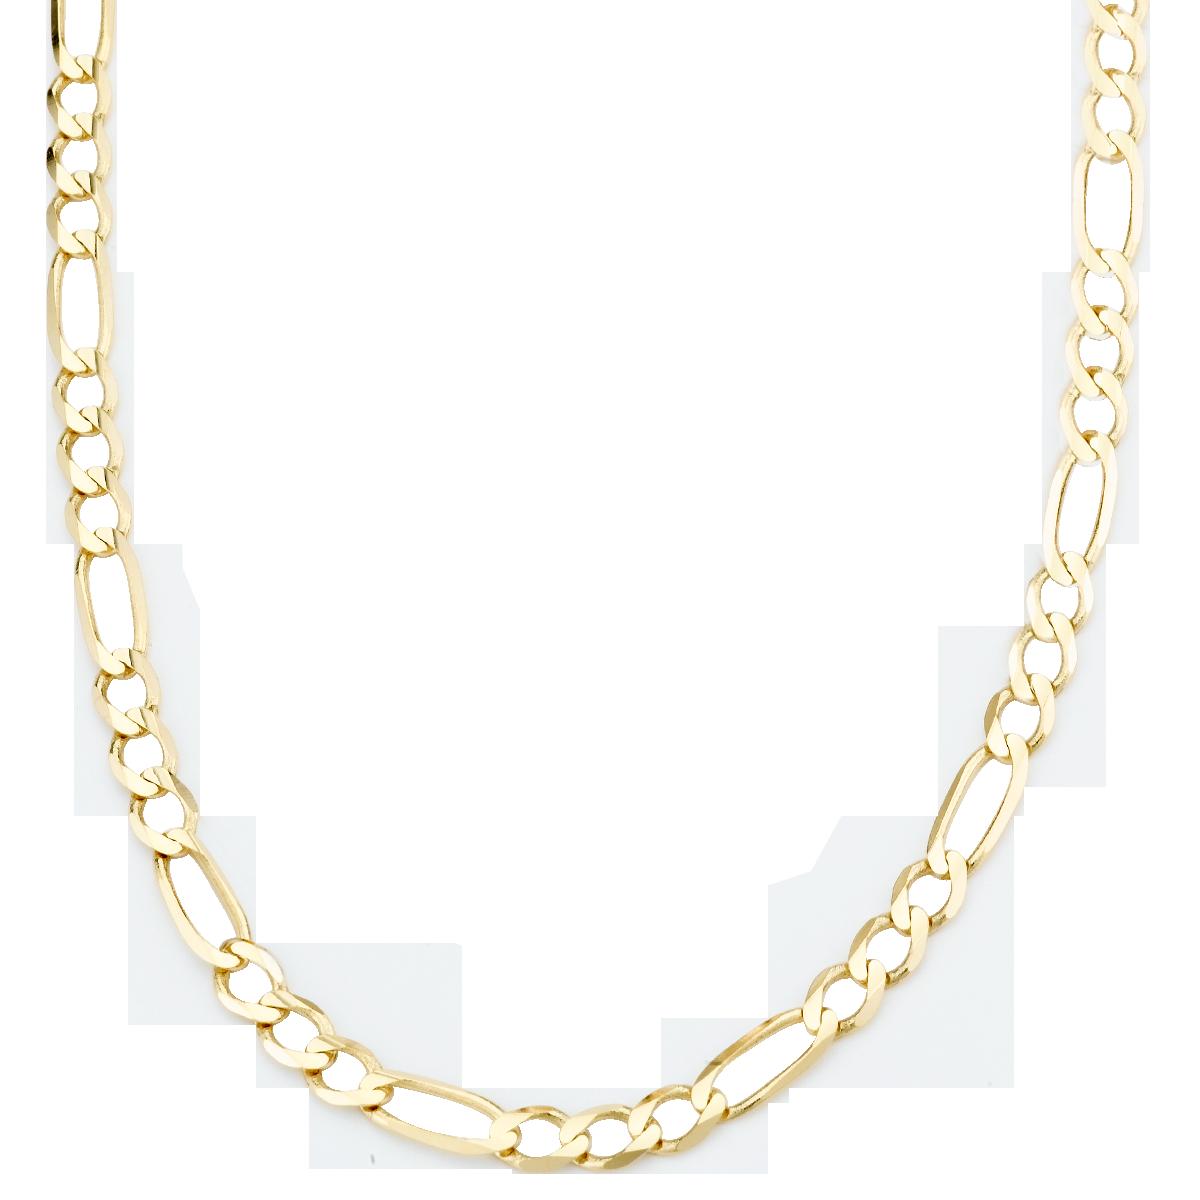 s 14k yellow gold 3 1mm figaro chain